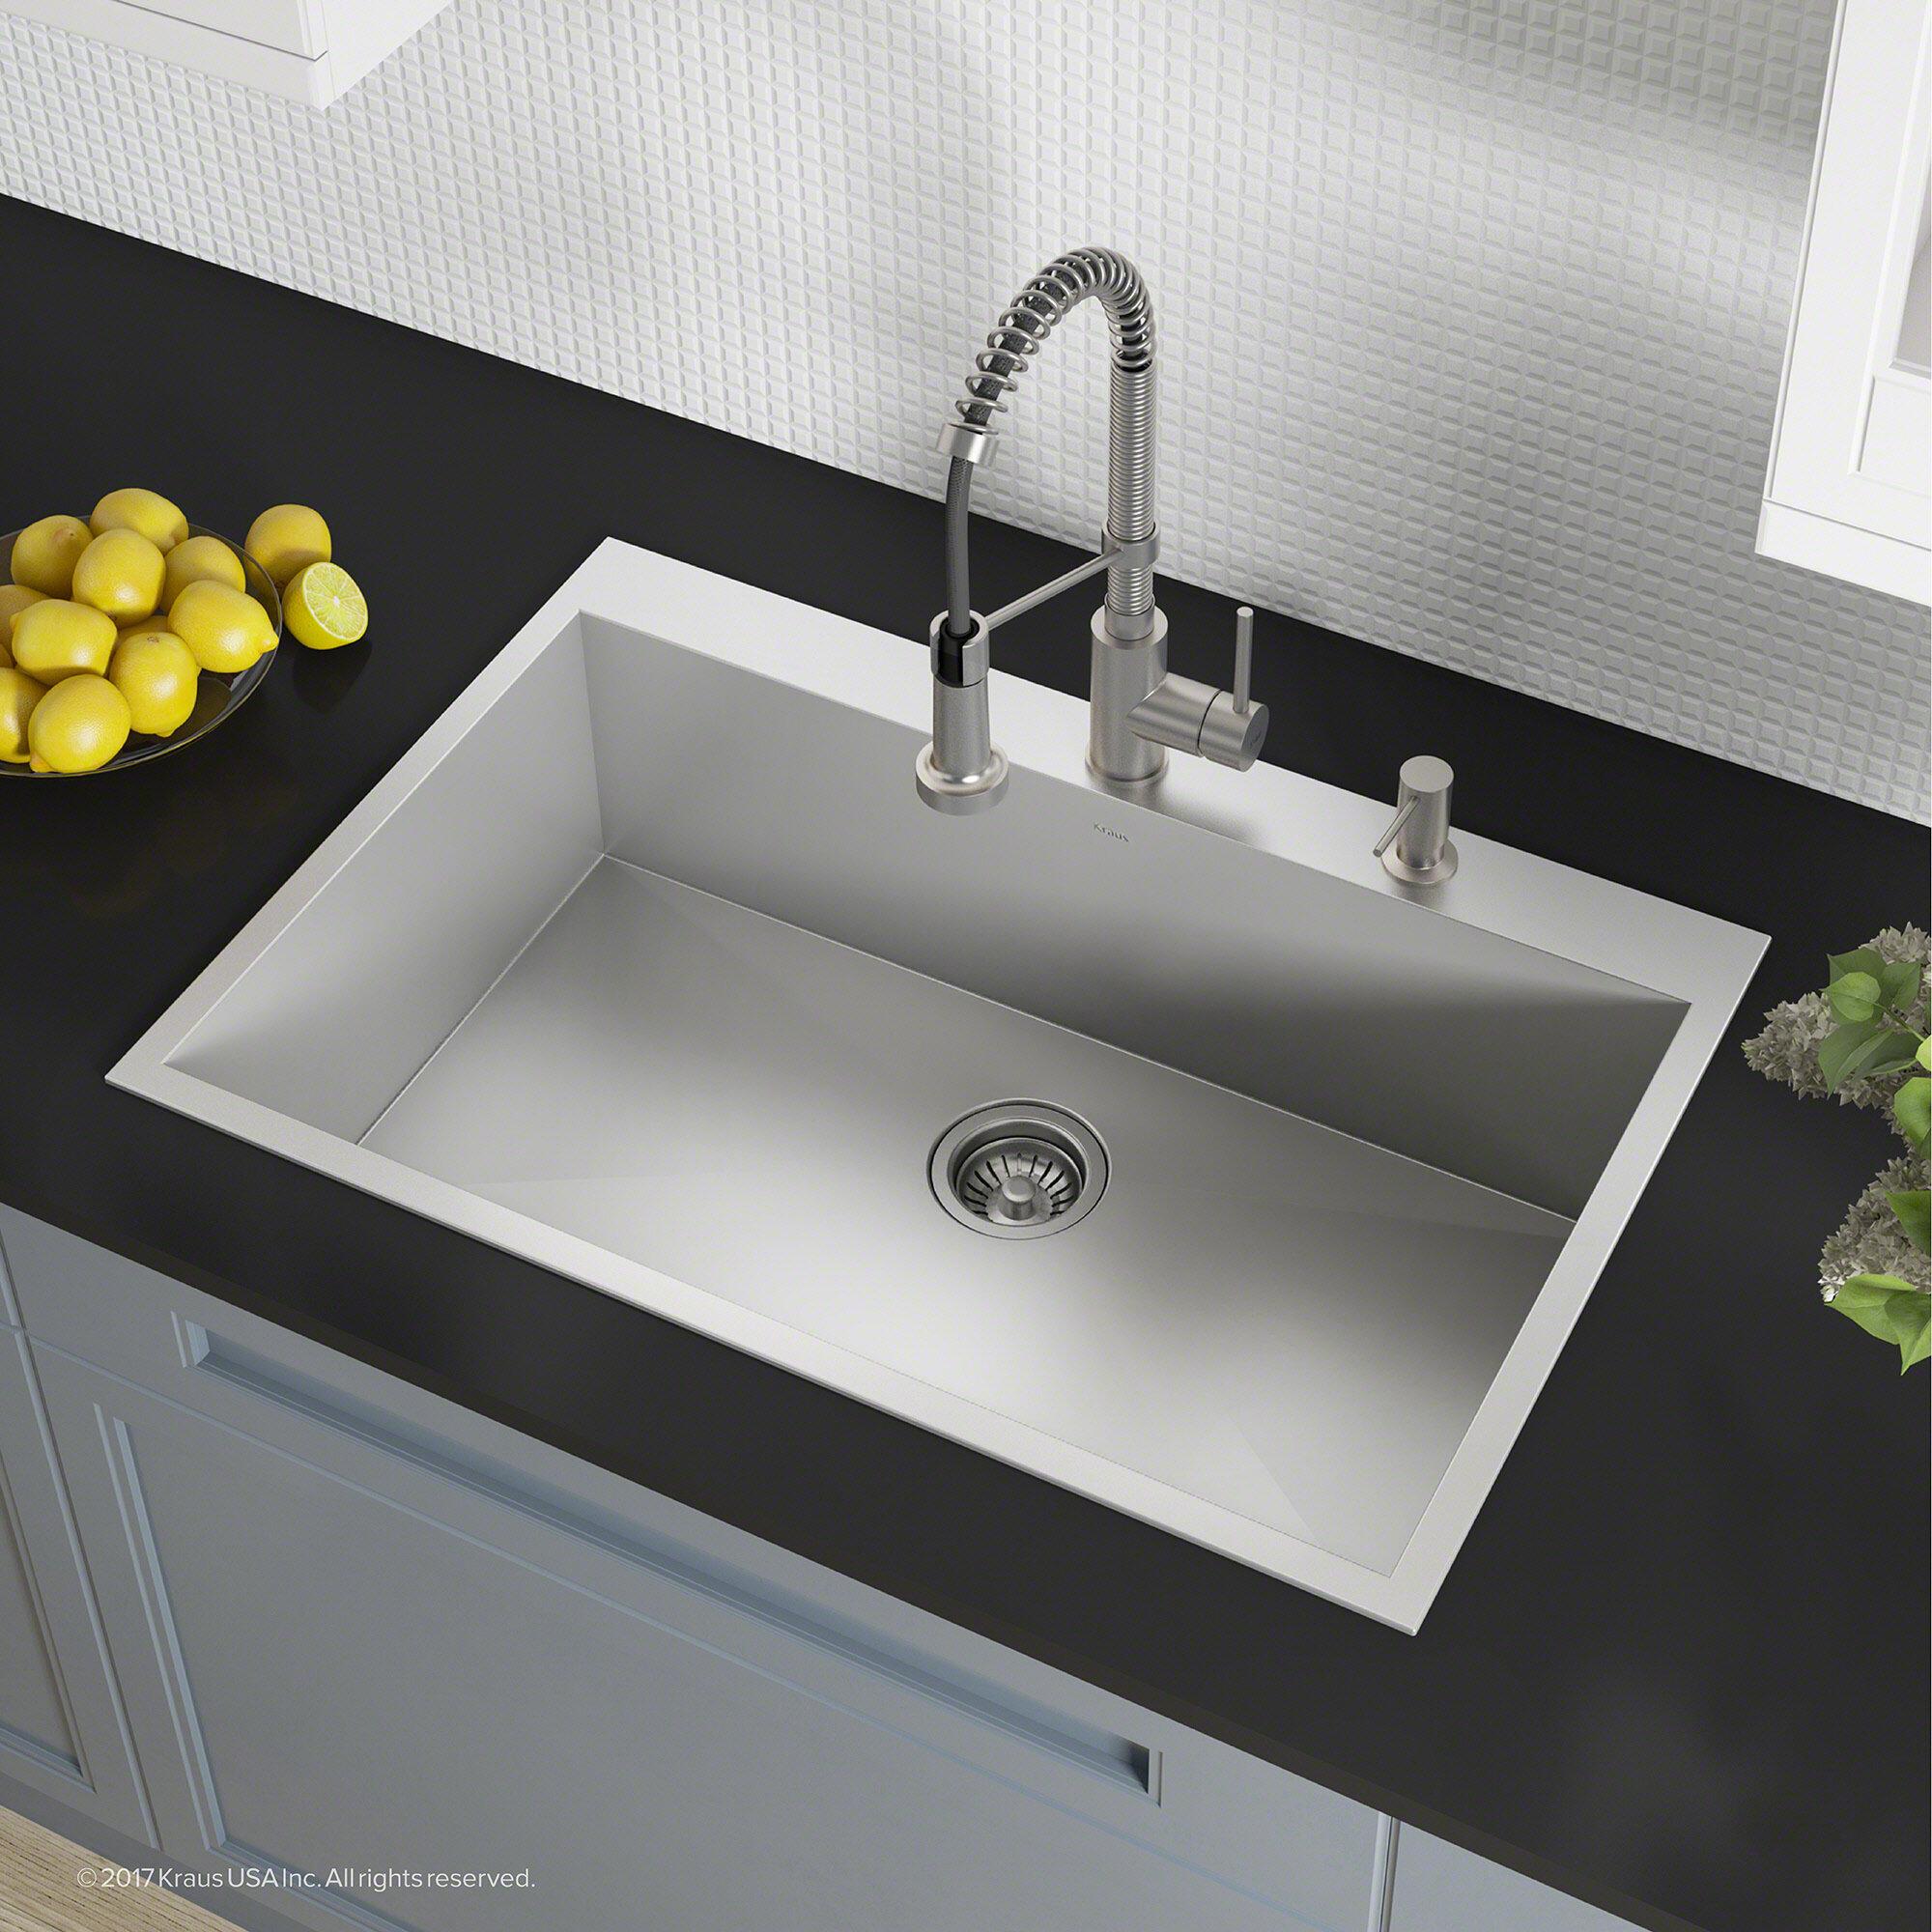 Pax Zero Radius Topmount Series 33 X 22 Drop In Kitchen Sink Reviews Allmodern